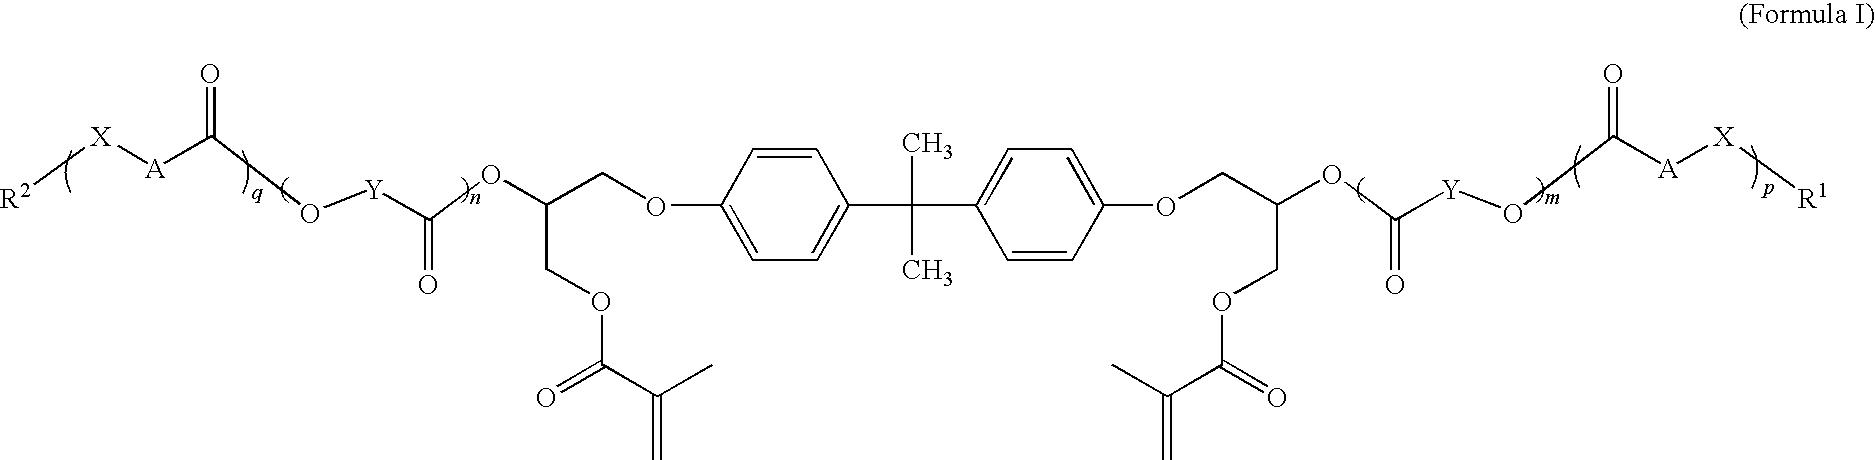 Figure US20100021869A1-20100128-C00003